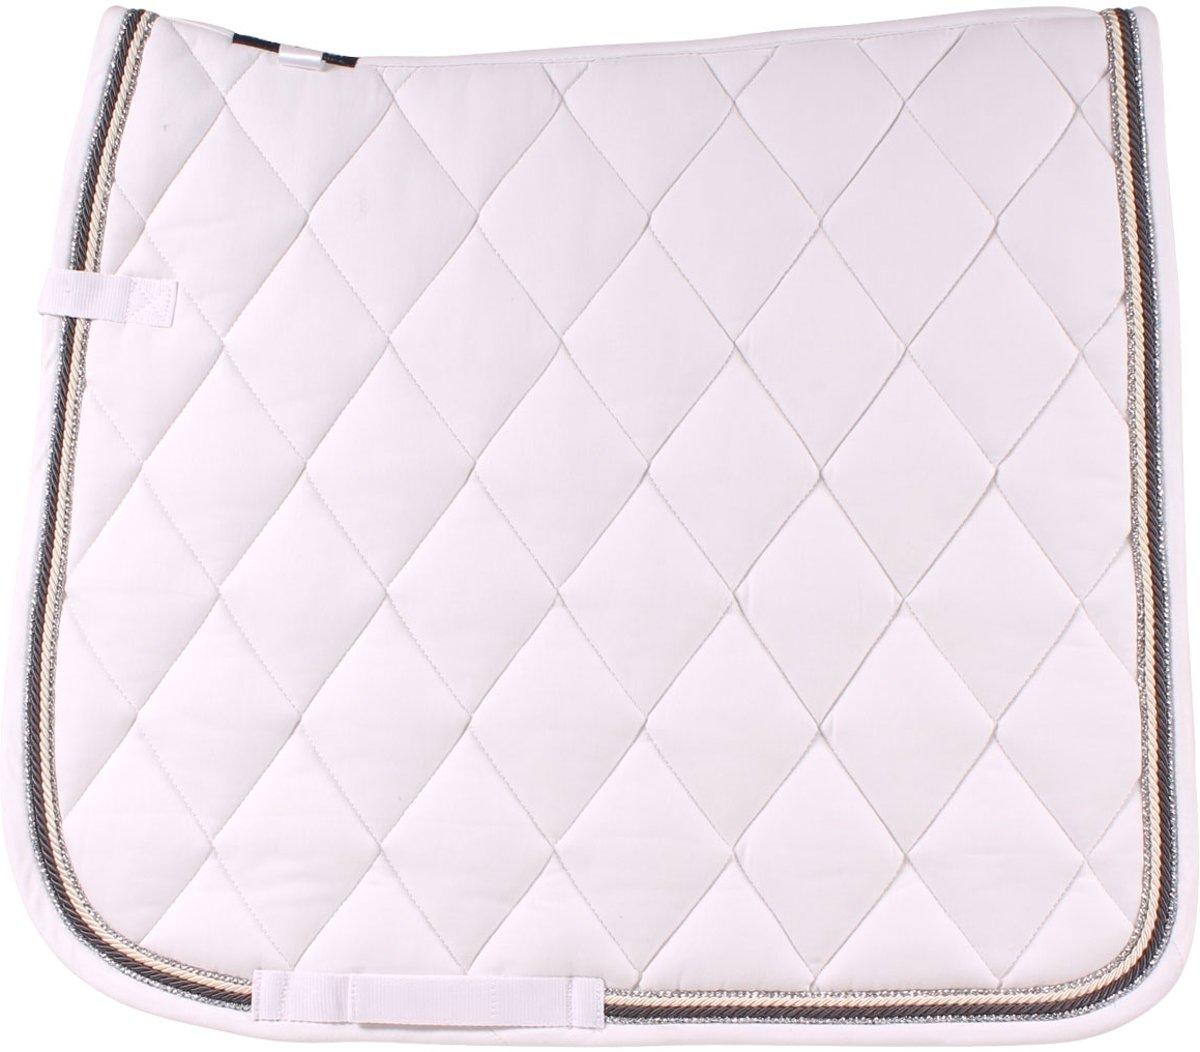 Horsegear Zadeldek  Deluxe - White - dressuur Cob kopen